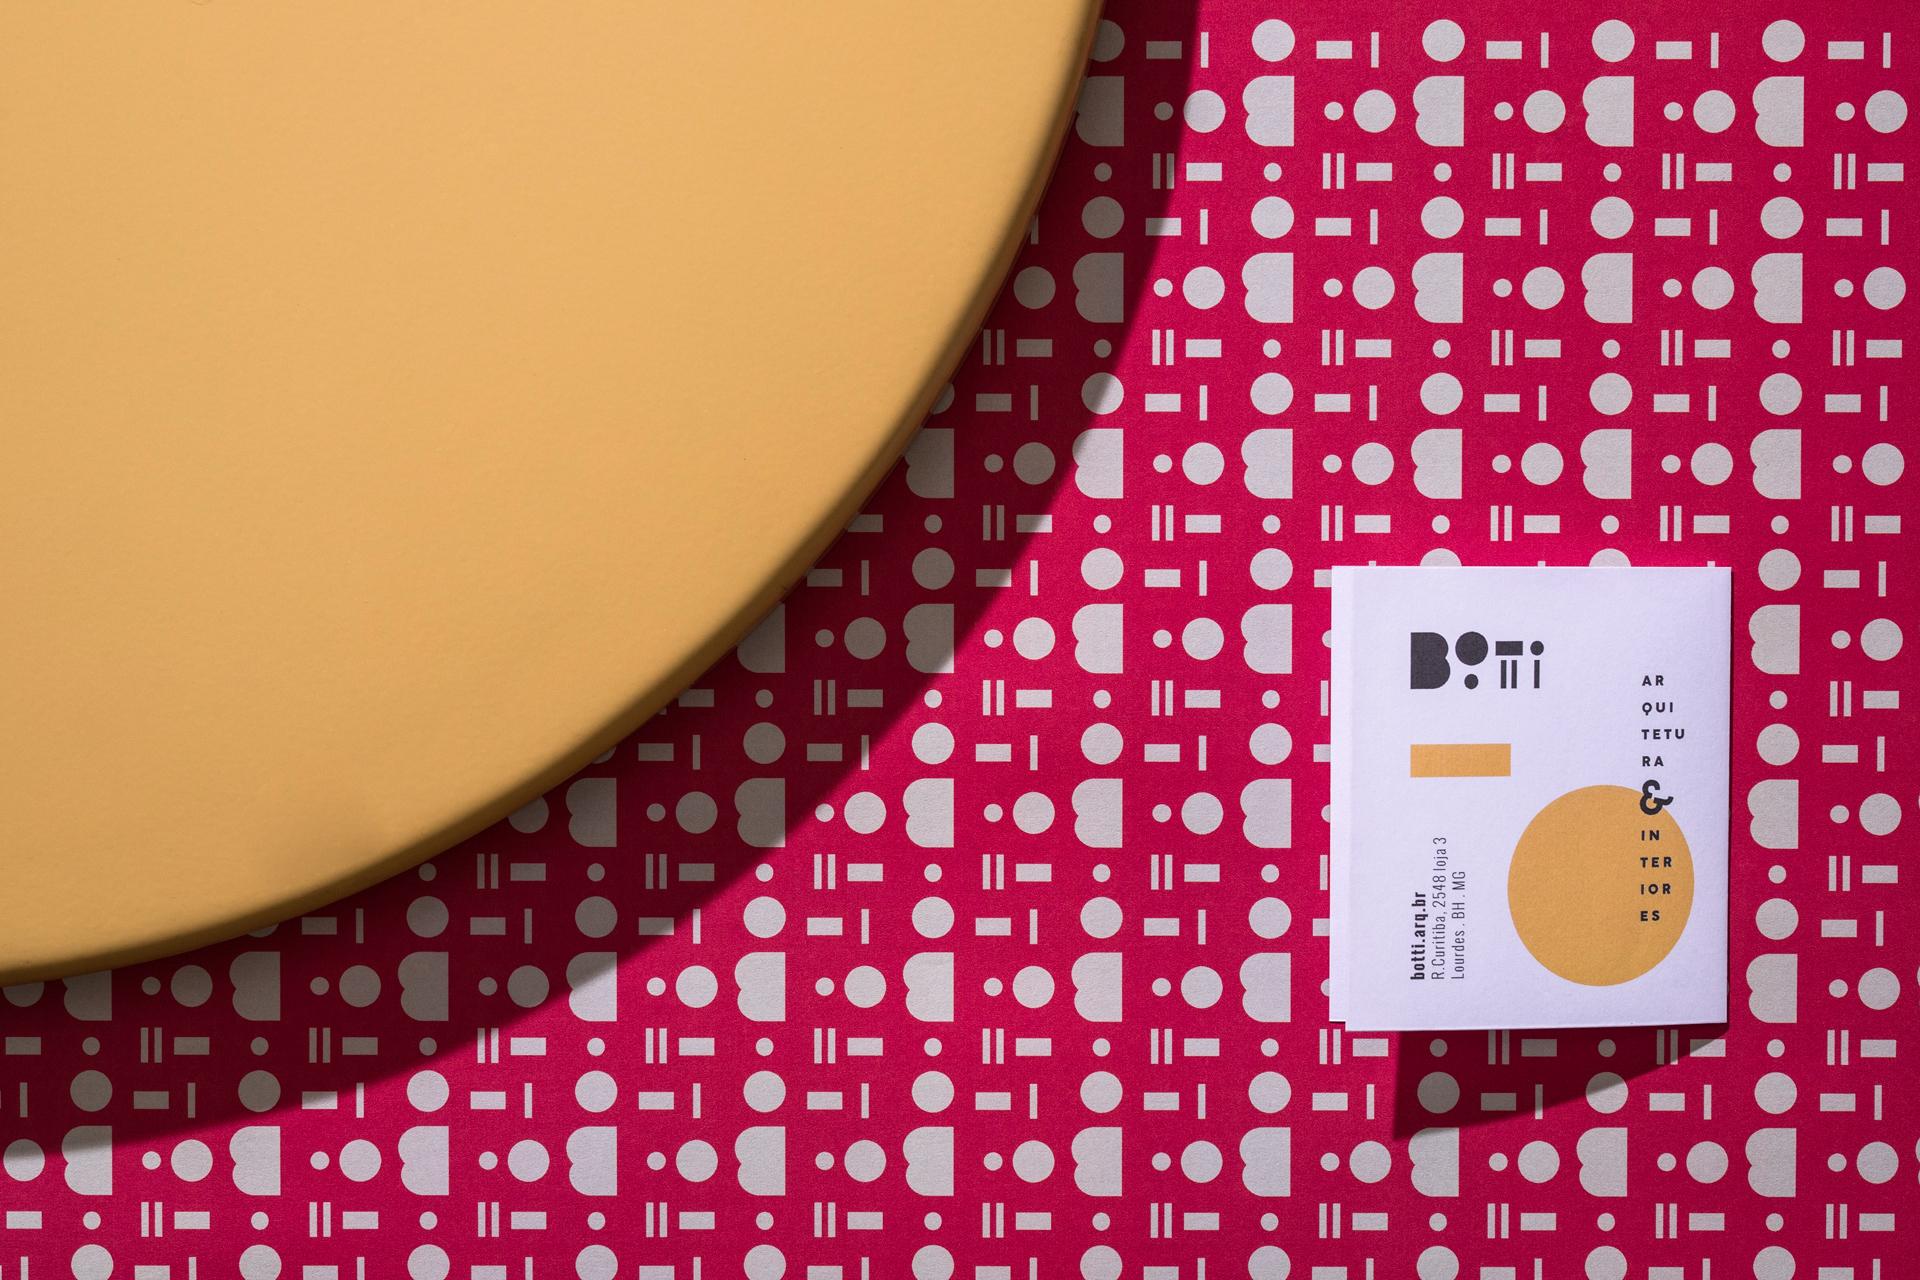 textura-tag-bola-01